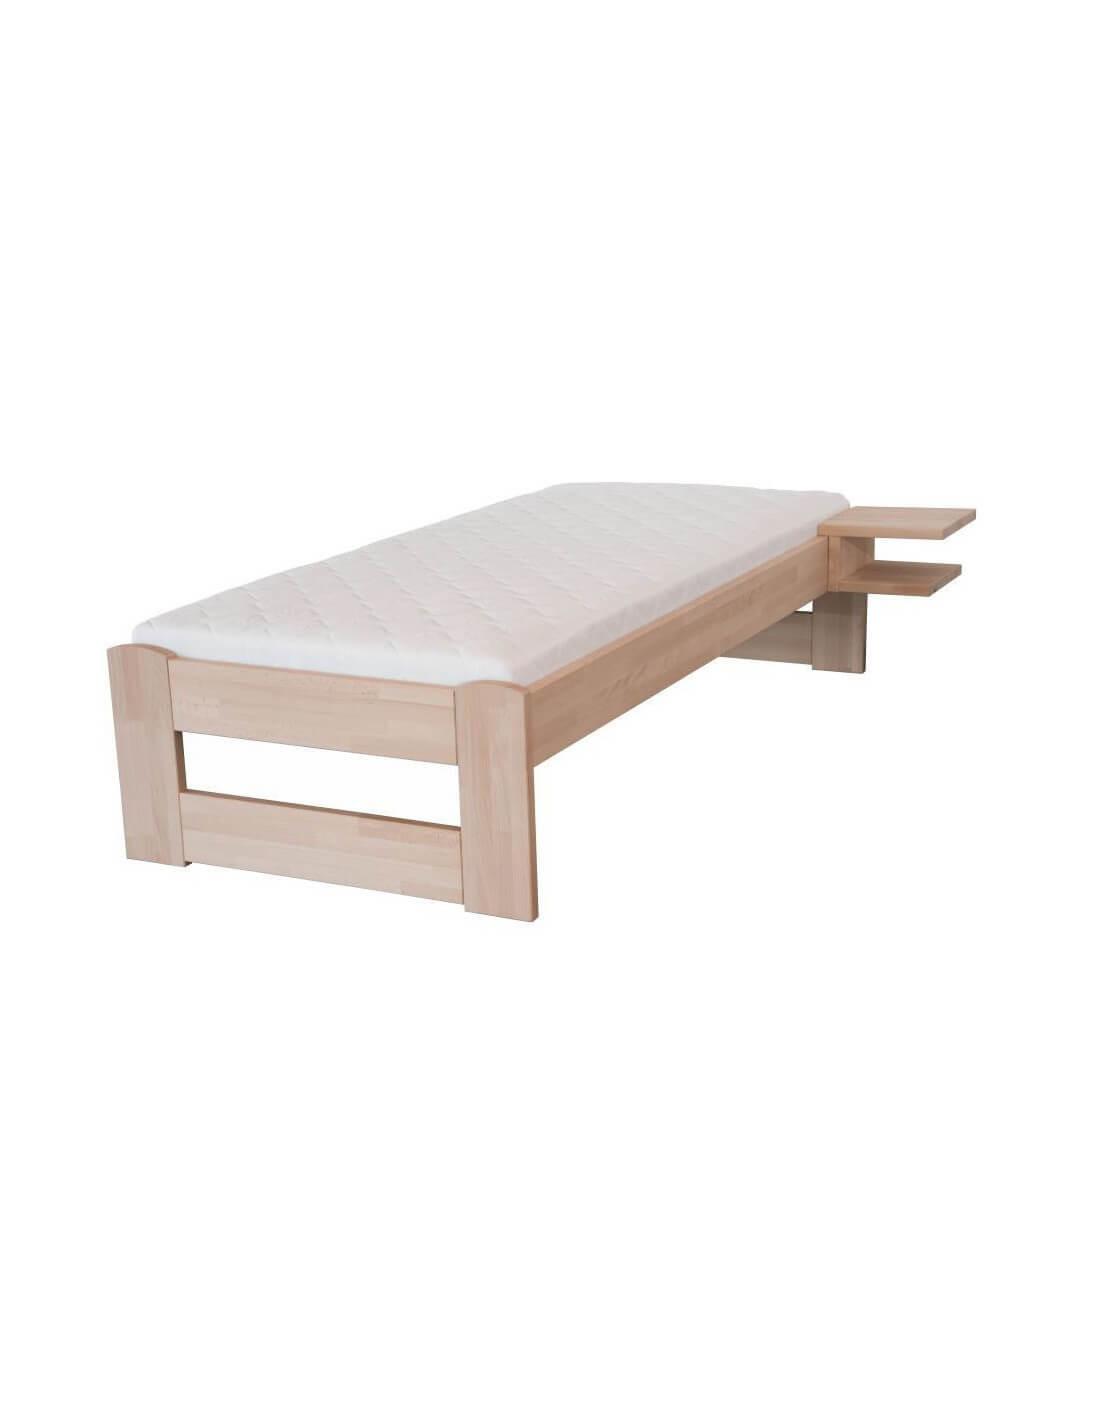 Posteľ NAPOLI Rozmer - postelí, roštov, nábytku: 90 x 200 cm